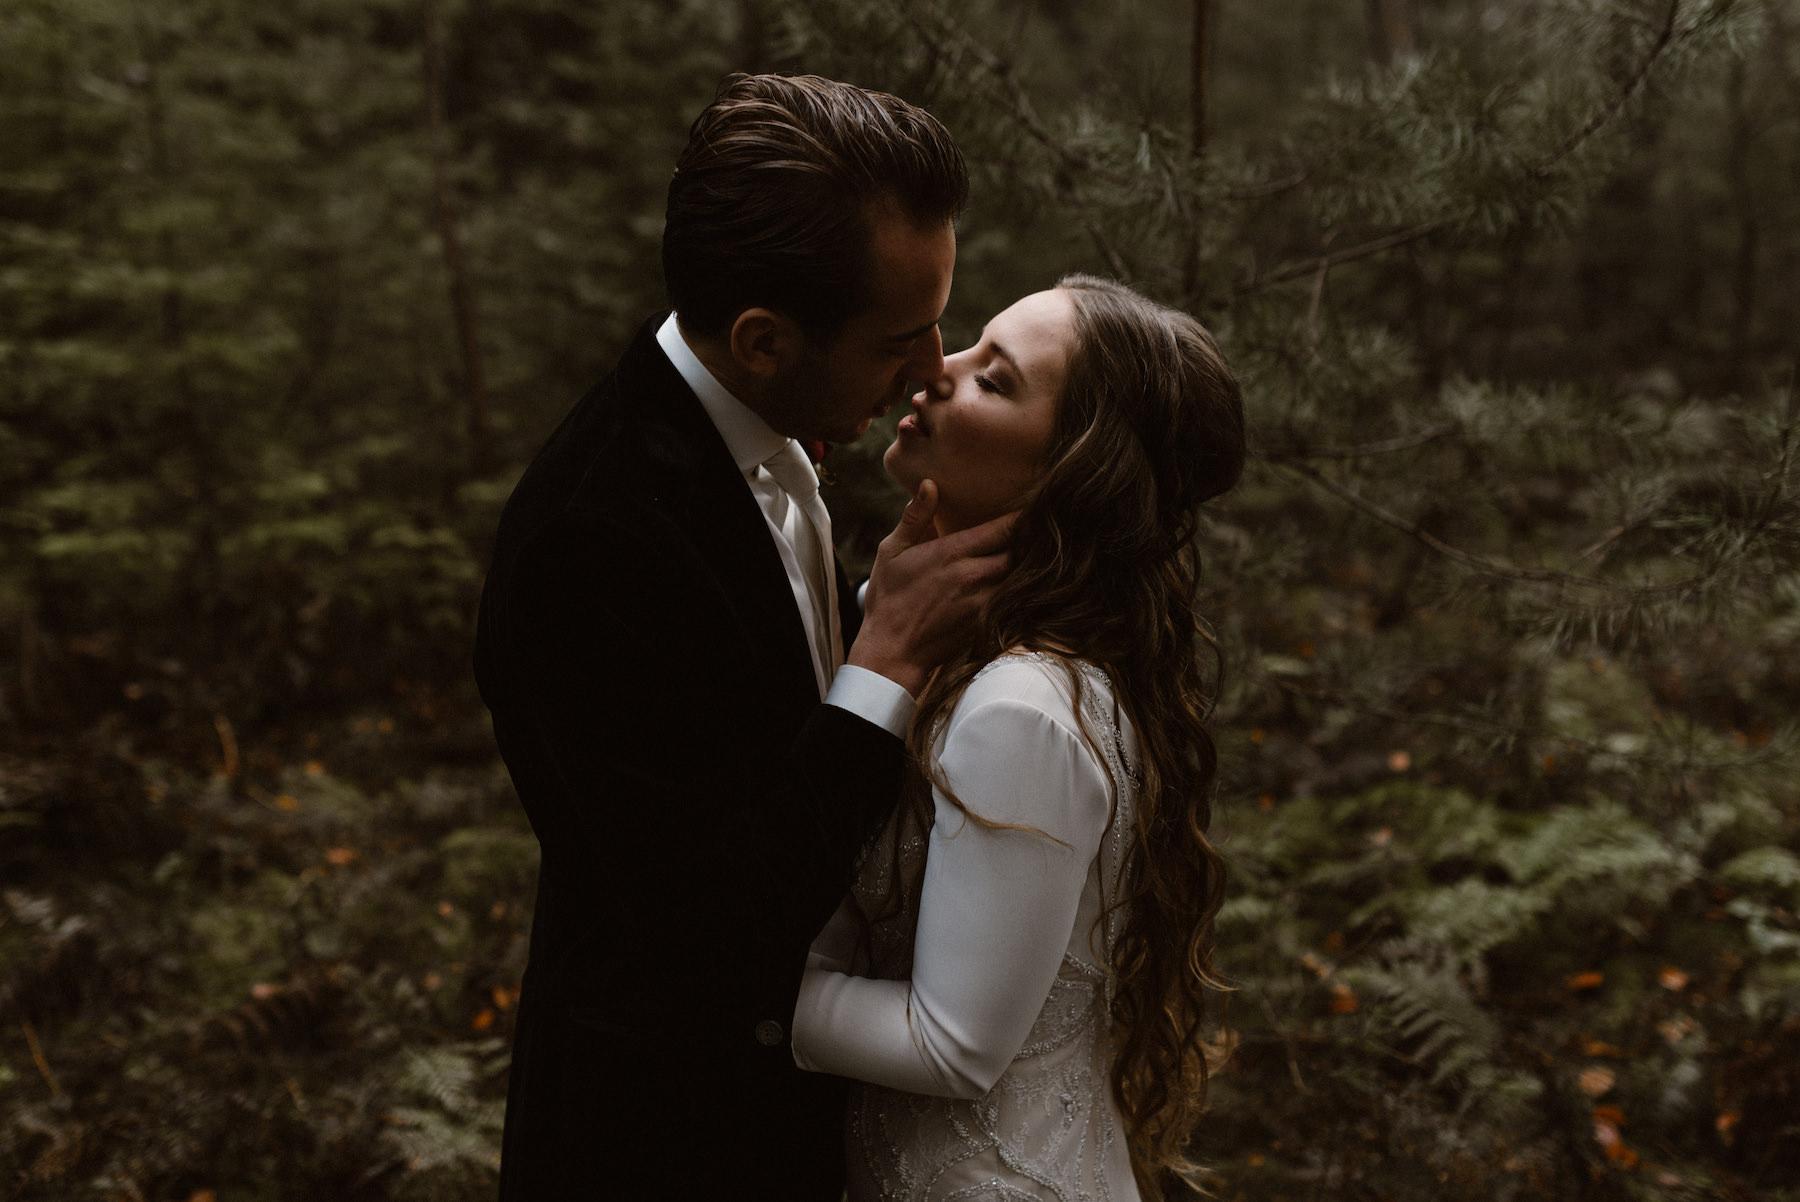 Trouwen in de herfst | Trouwen in het bos | Trouwfotoshoot in het bos